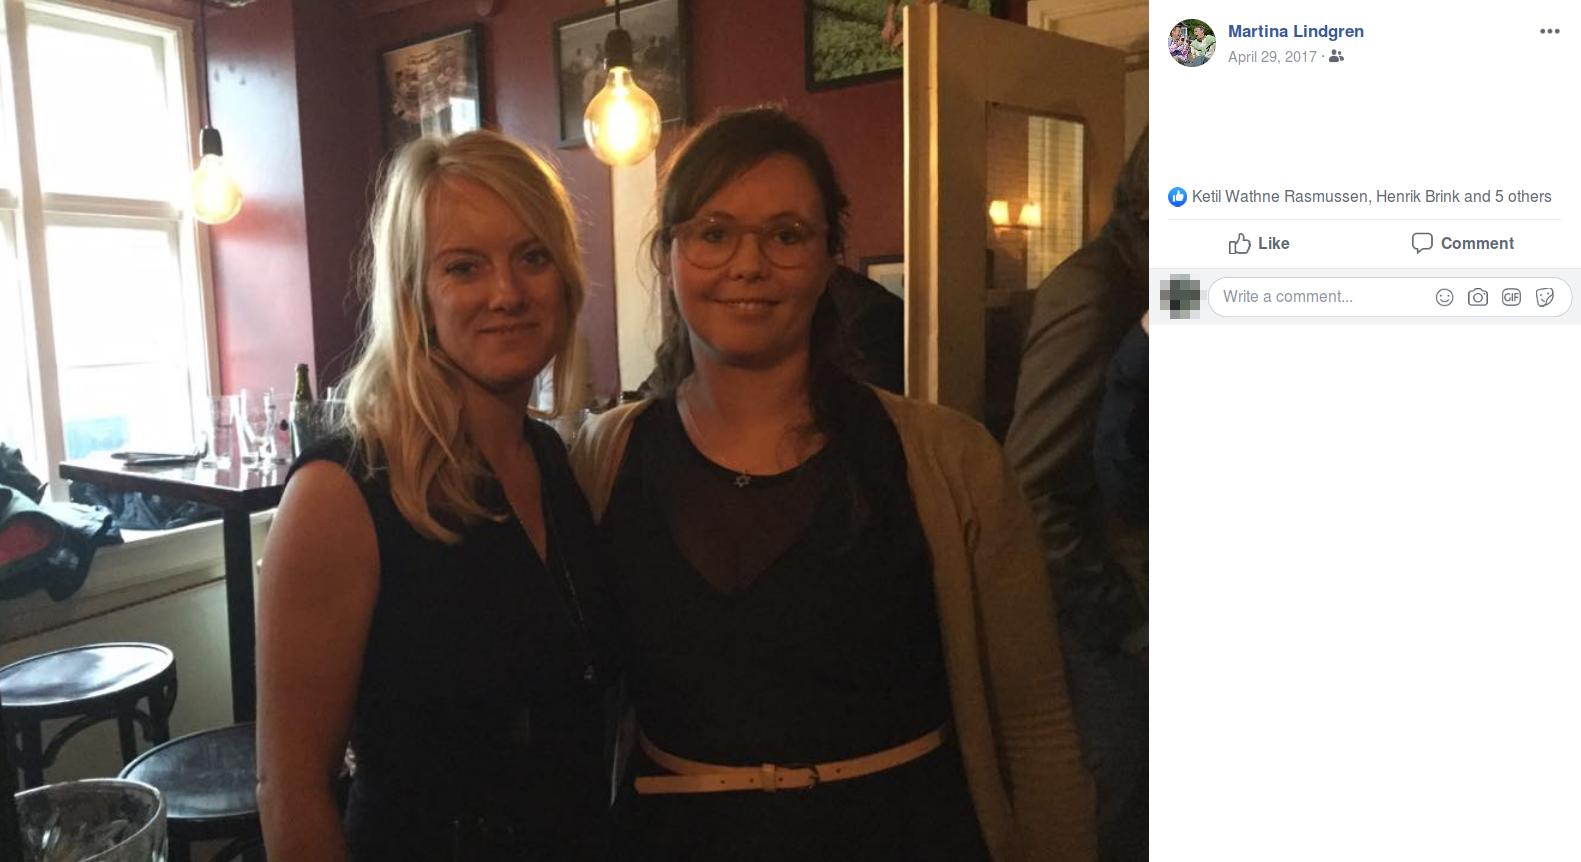 I forbindelse med et internt arrangement i Nye Borgerlige får Pernille Vermund og Ninna Martina Moeskær taget et billede sammen, som Moeskær efterfølgende ligger på Facebook. Screenshot.